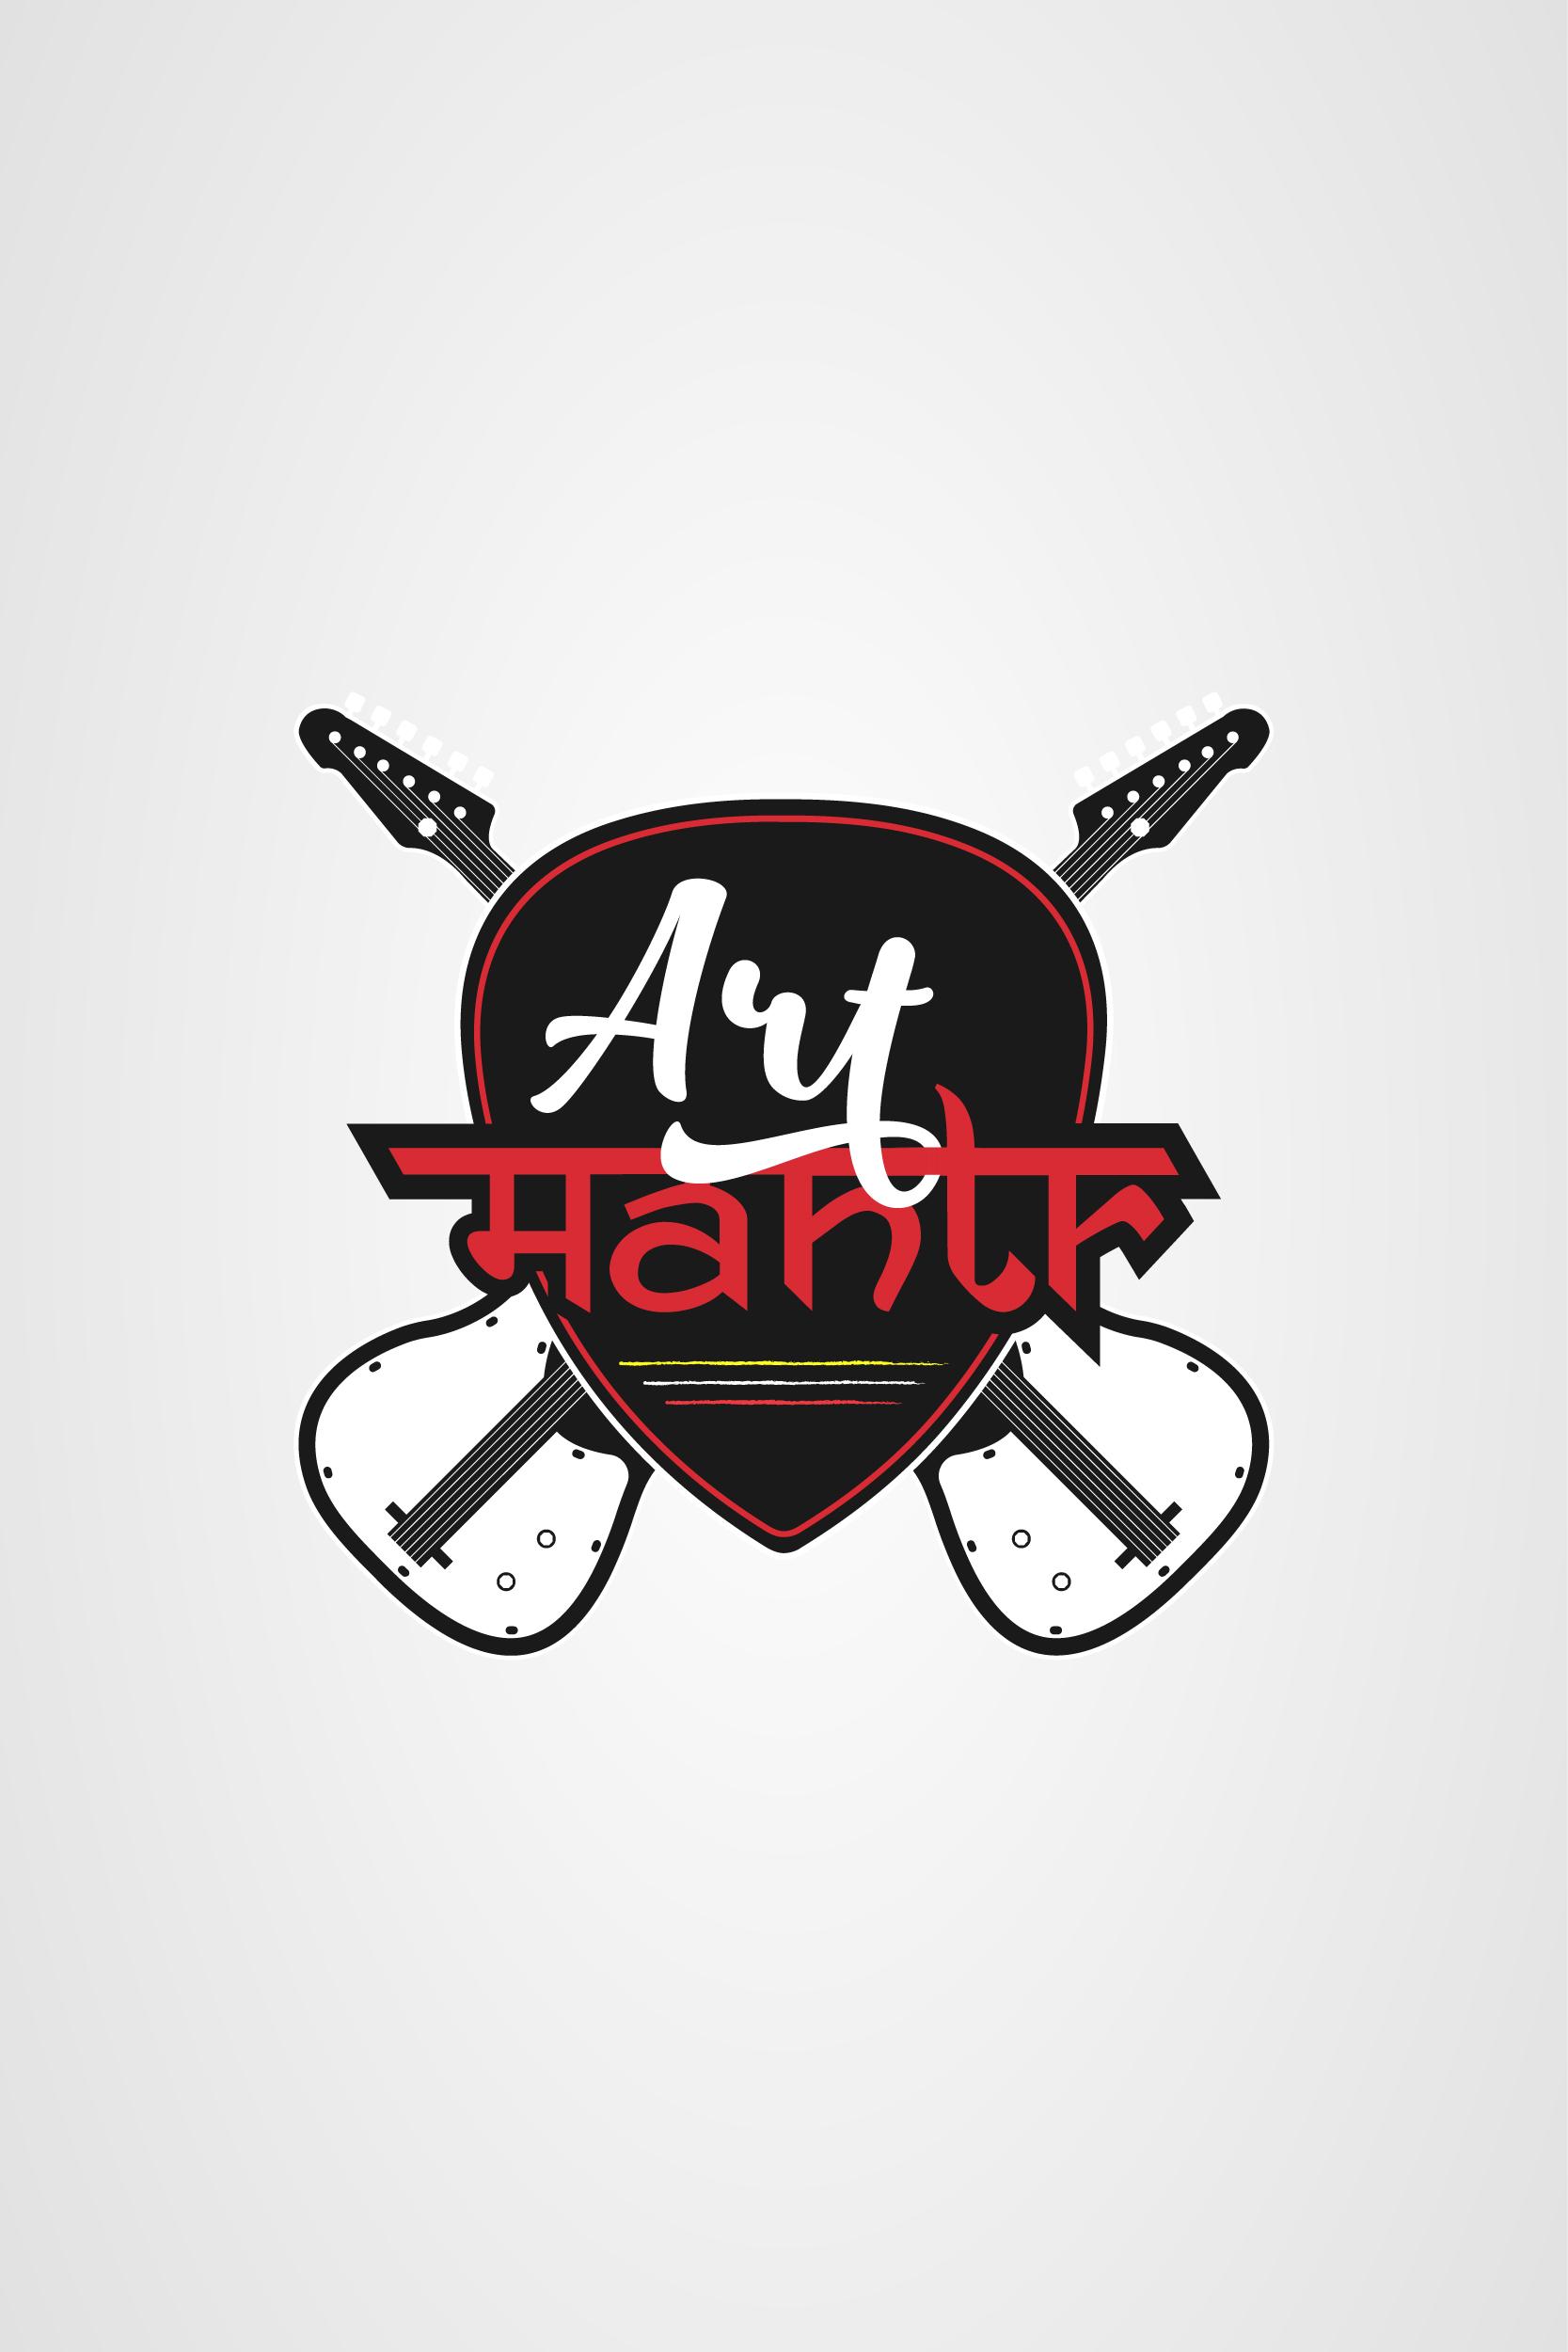 logo design services Art mantr 01